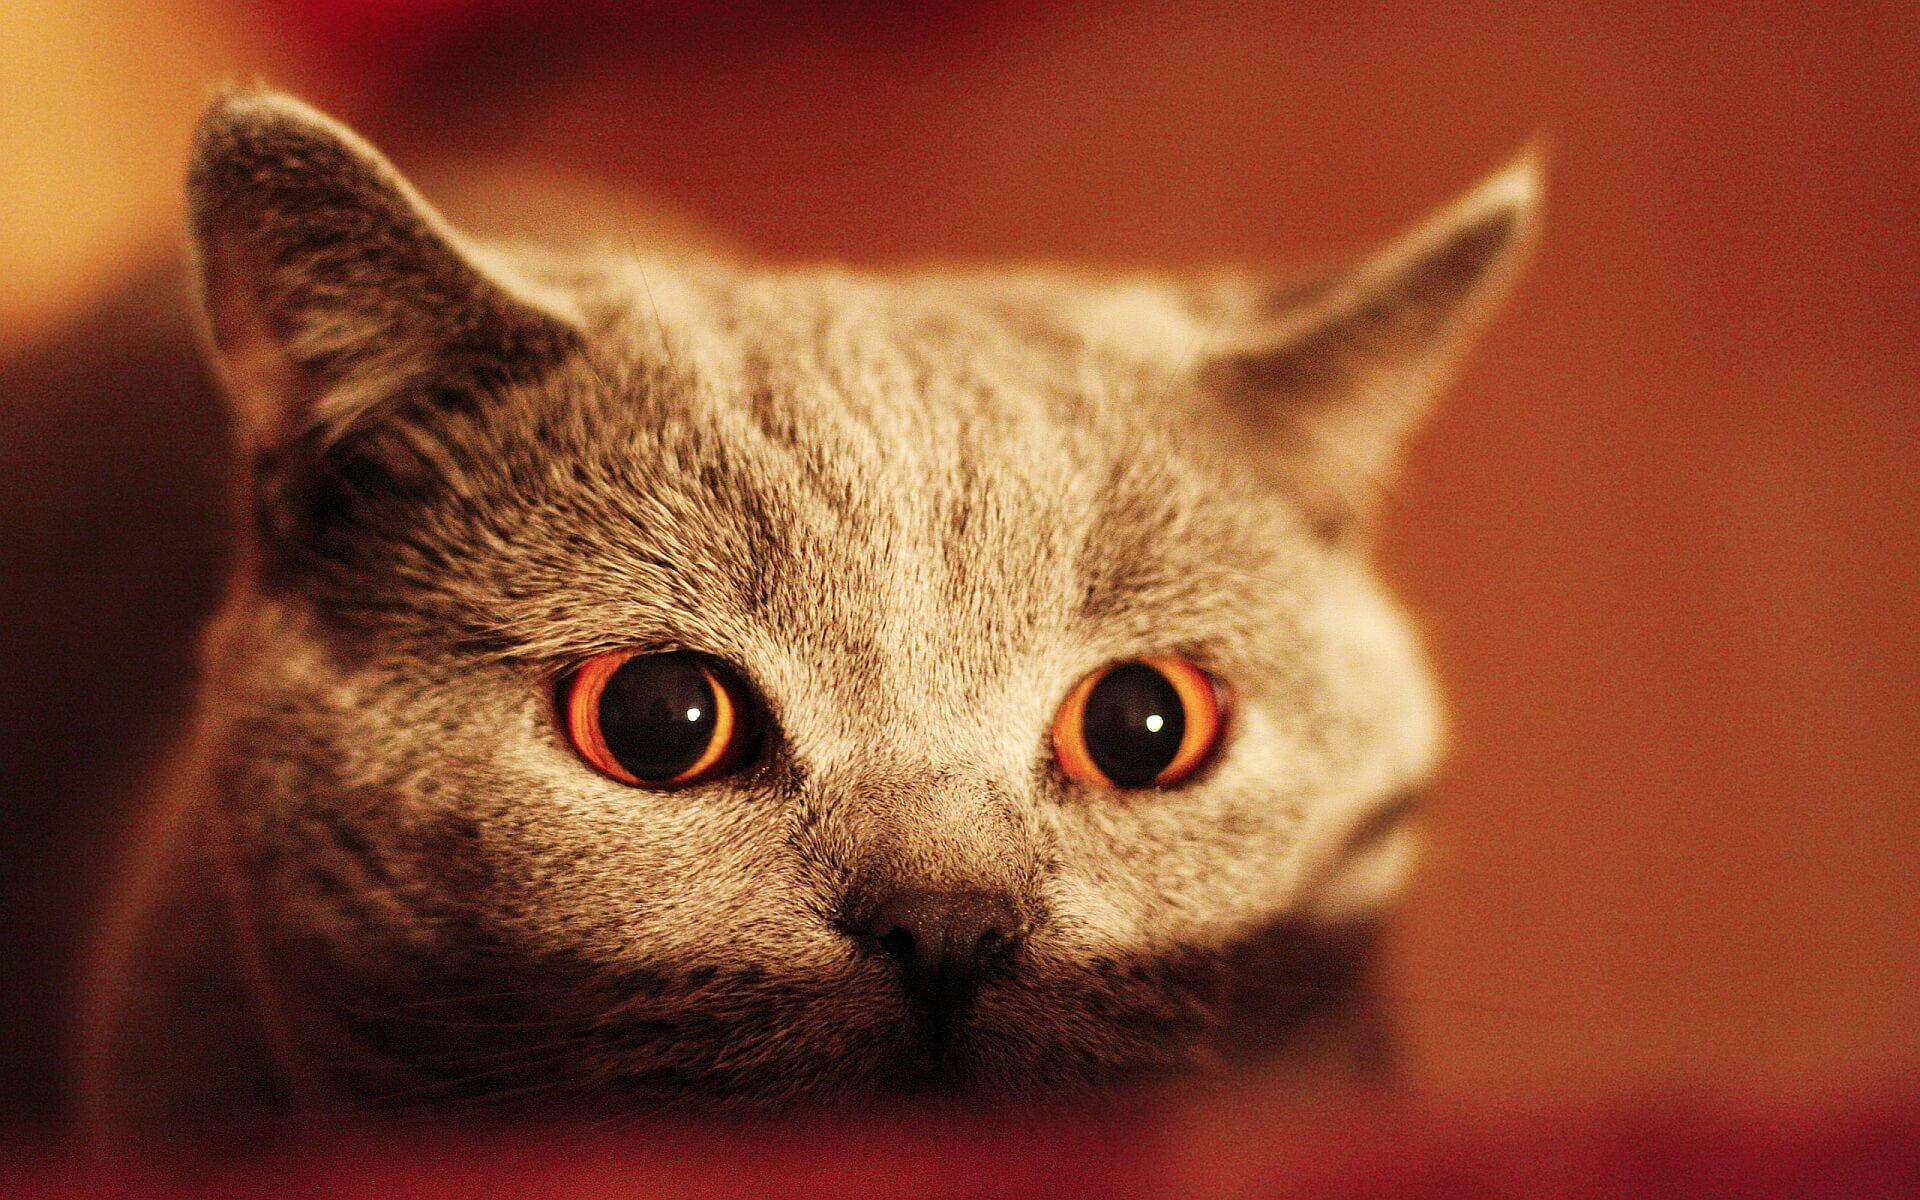 Costruire Lettiera Per Gatti come calmare gatti timidi, impauriti e spaventati | doctorvet